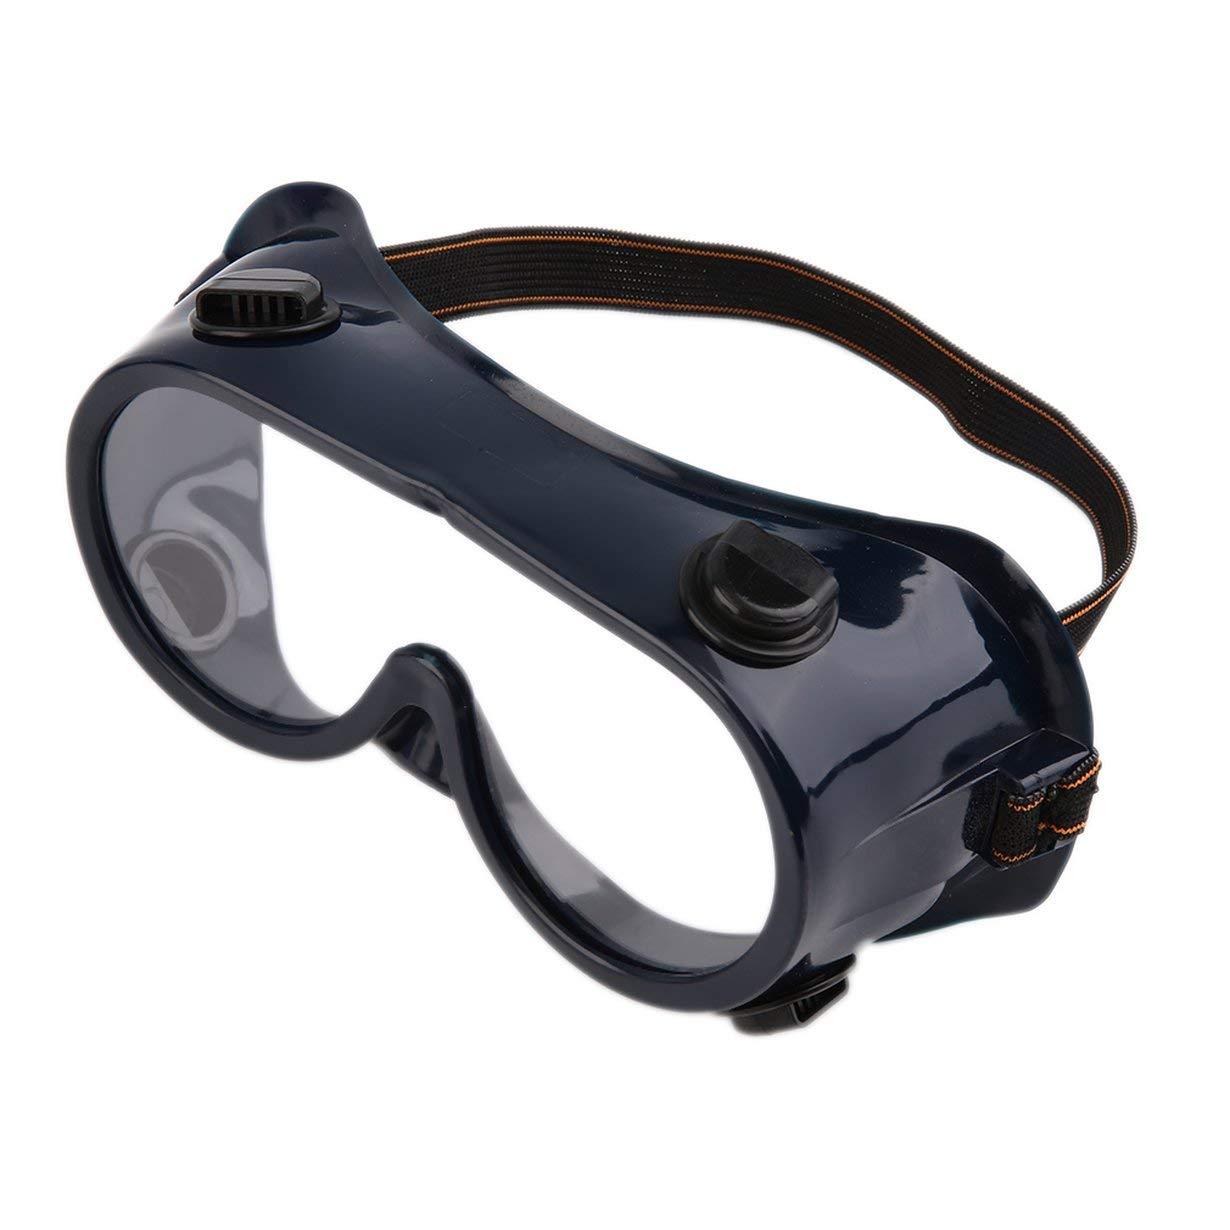 Nouveau Protection Filtre Double Gaz Masque Chimique Gaz Anti Poussière  Peinture Respirateur Masque Visage avec Lunettes 21e2f1ec3eaf